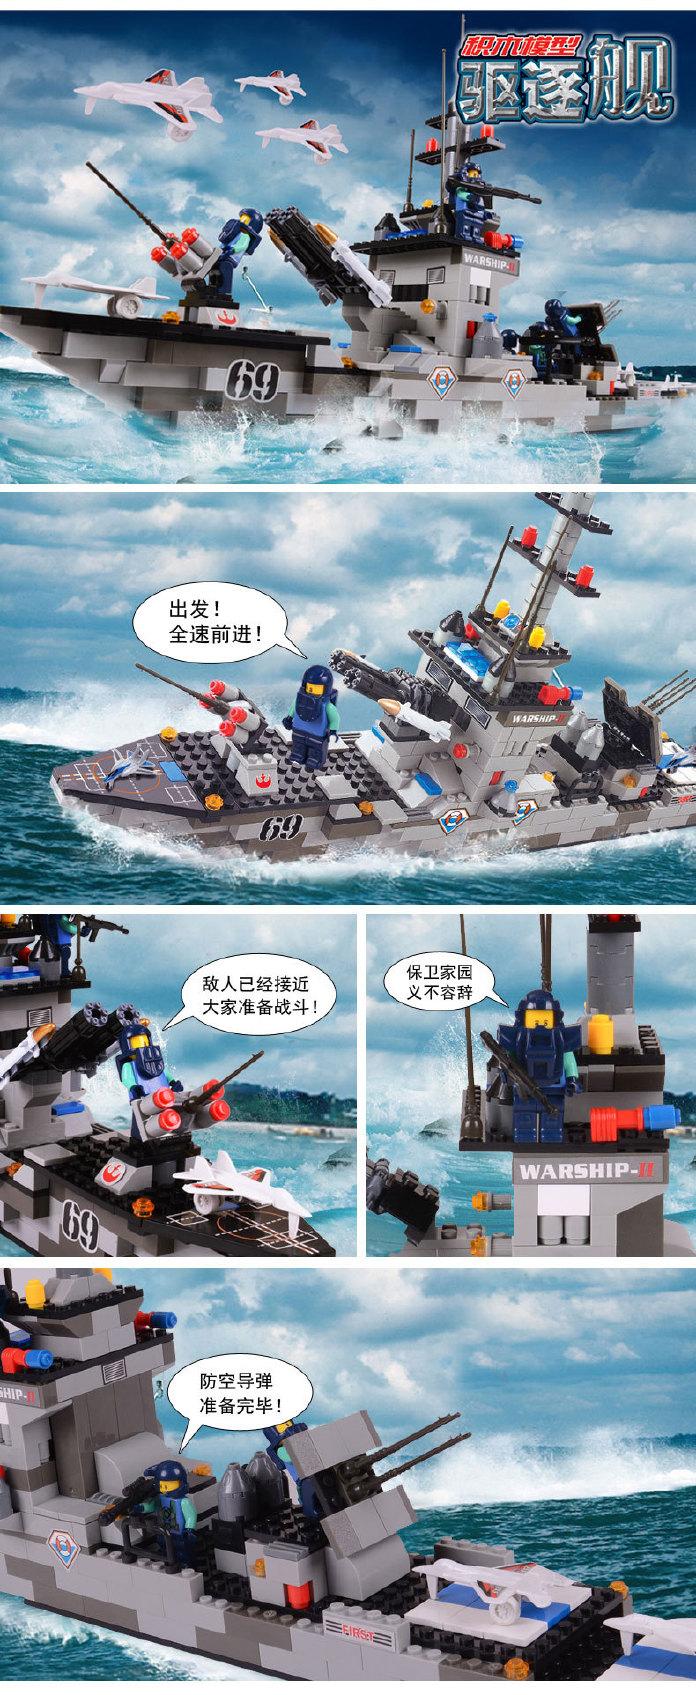 沃马海儿童列驱逐舰军战科教v儿童益智玩具图纸a4渲染3d参数设置打印积木图片